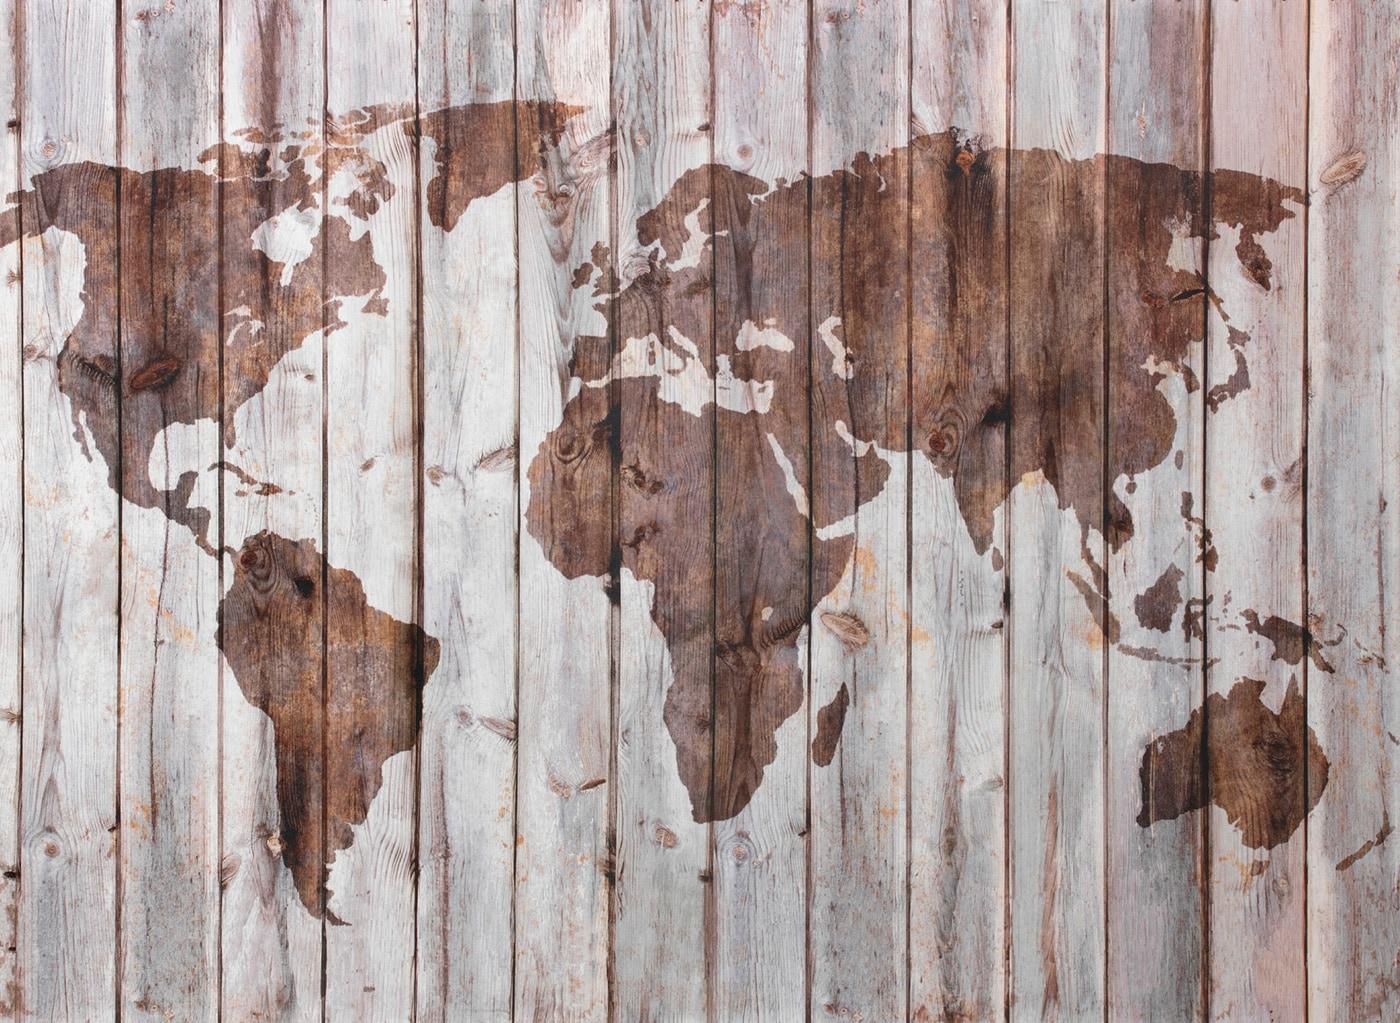 IKEA ist eine Marke, die überall auf der Welt tätig ist. Ein Grossteil der IKEA Produkte bestehen aus Holz.